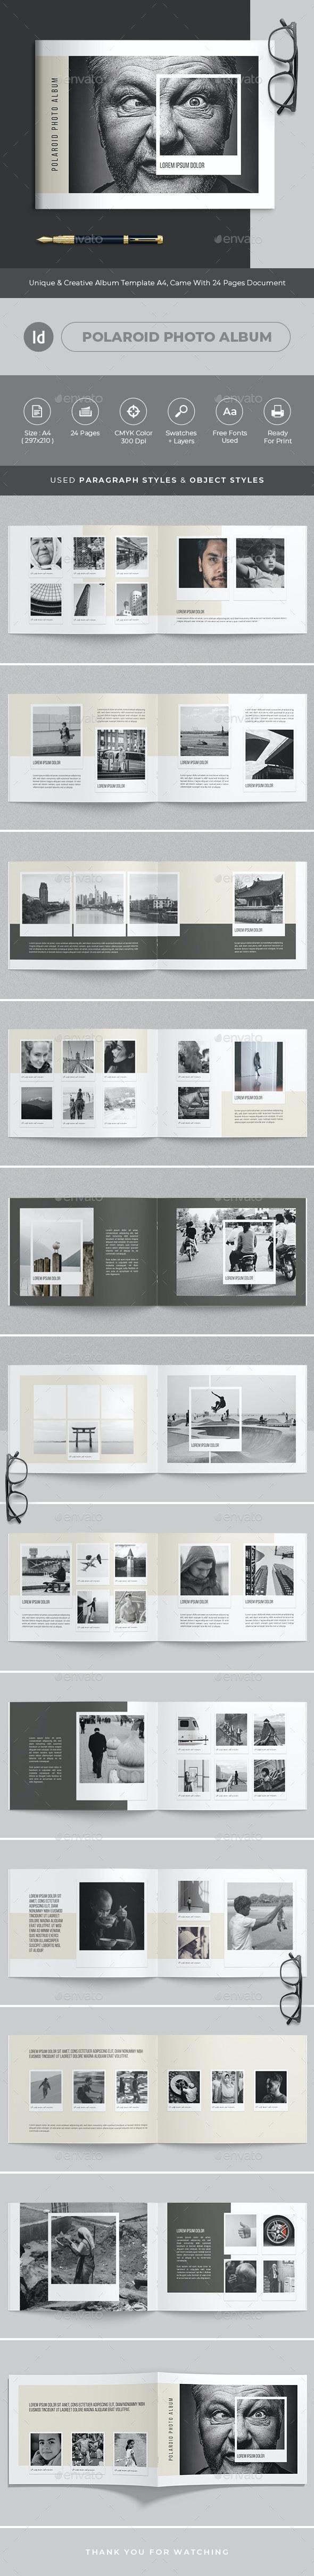 Polaroid Photo Album - Photo Albums Print Templates